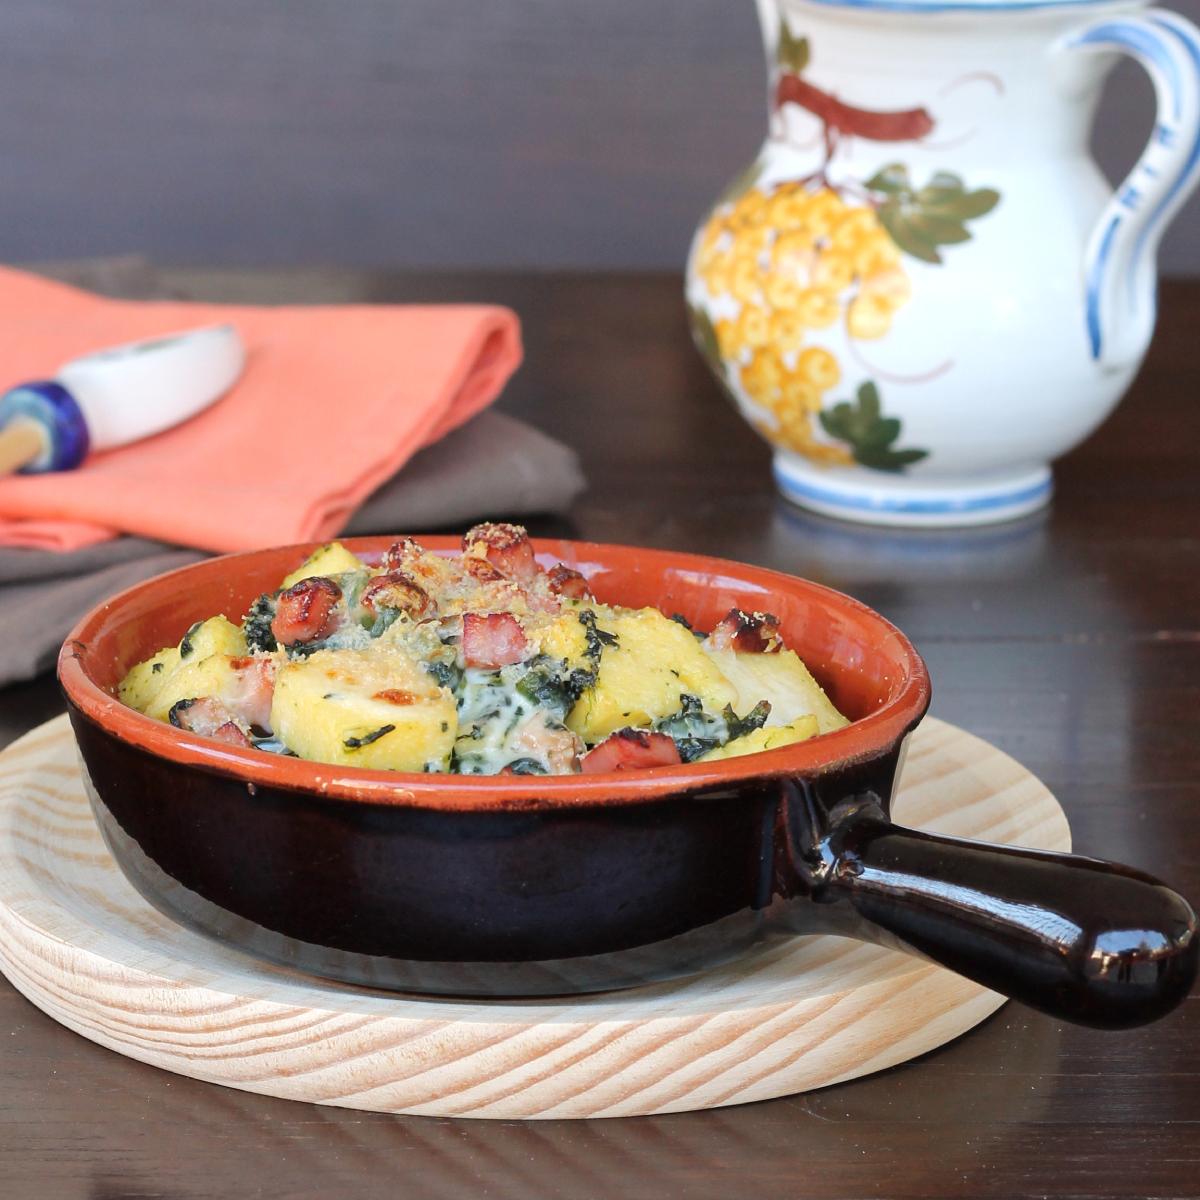 POLENTA E SPINACI AL FORNO timballo di polenta al forno gratinata